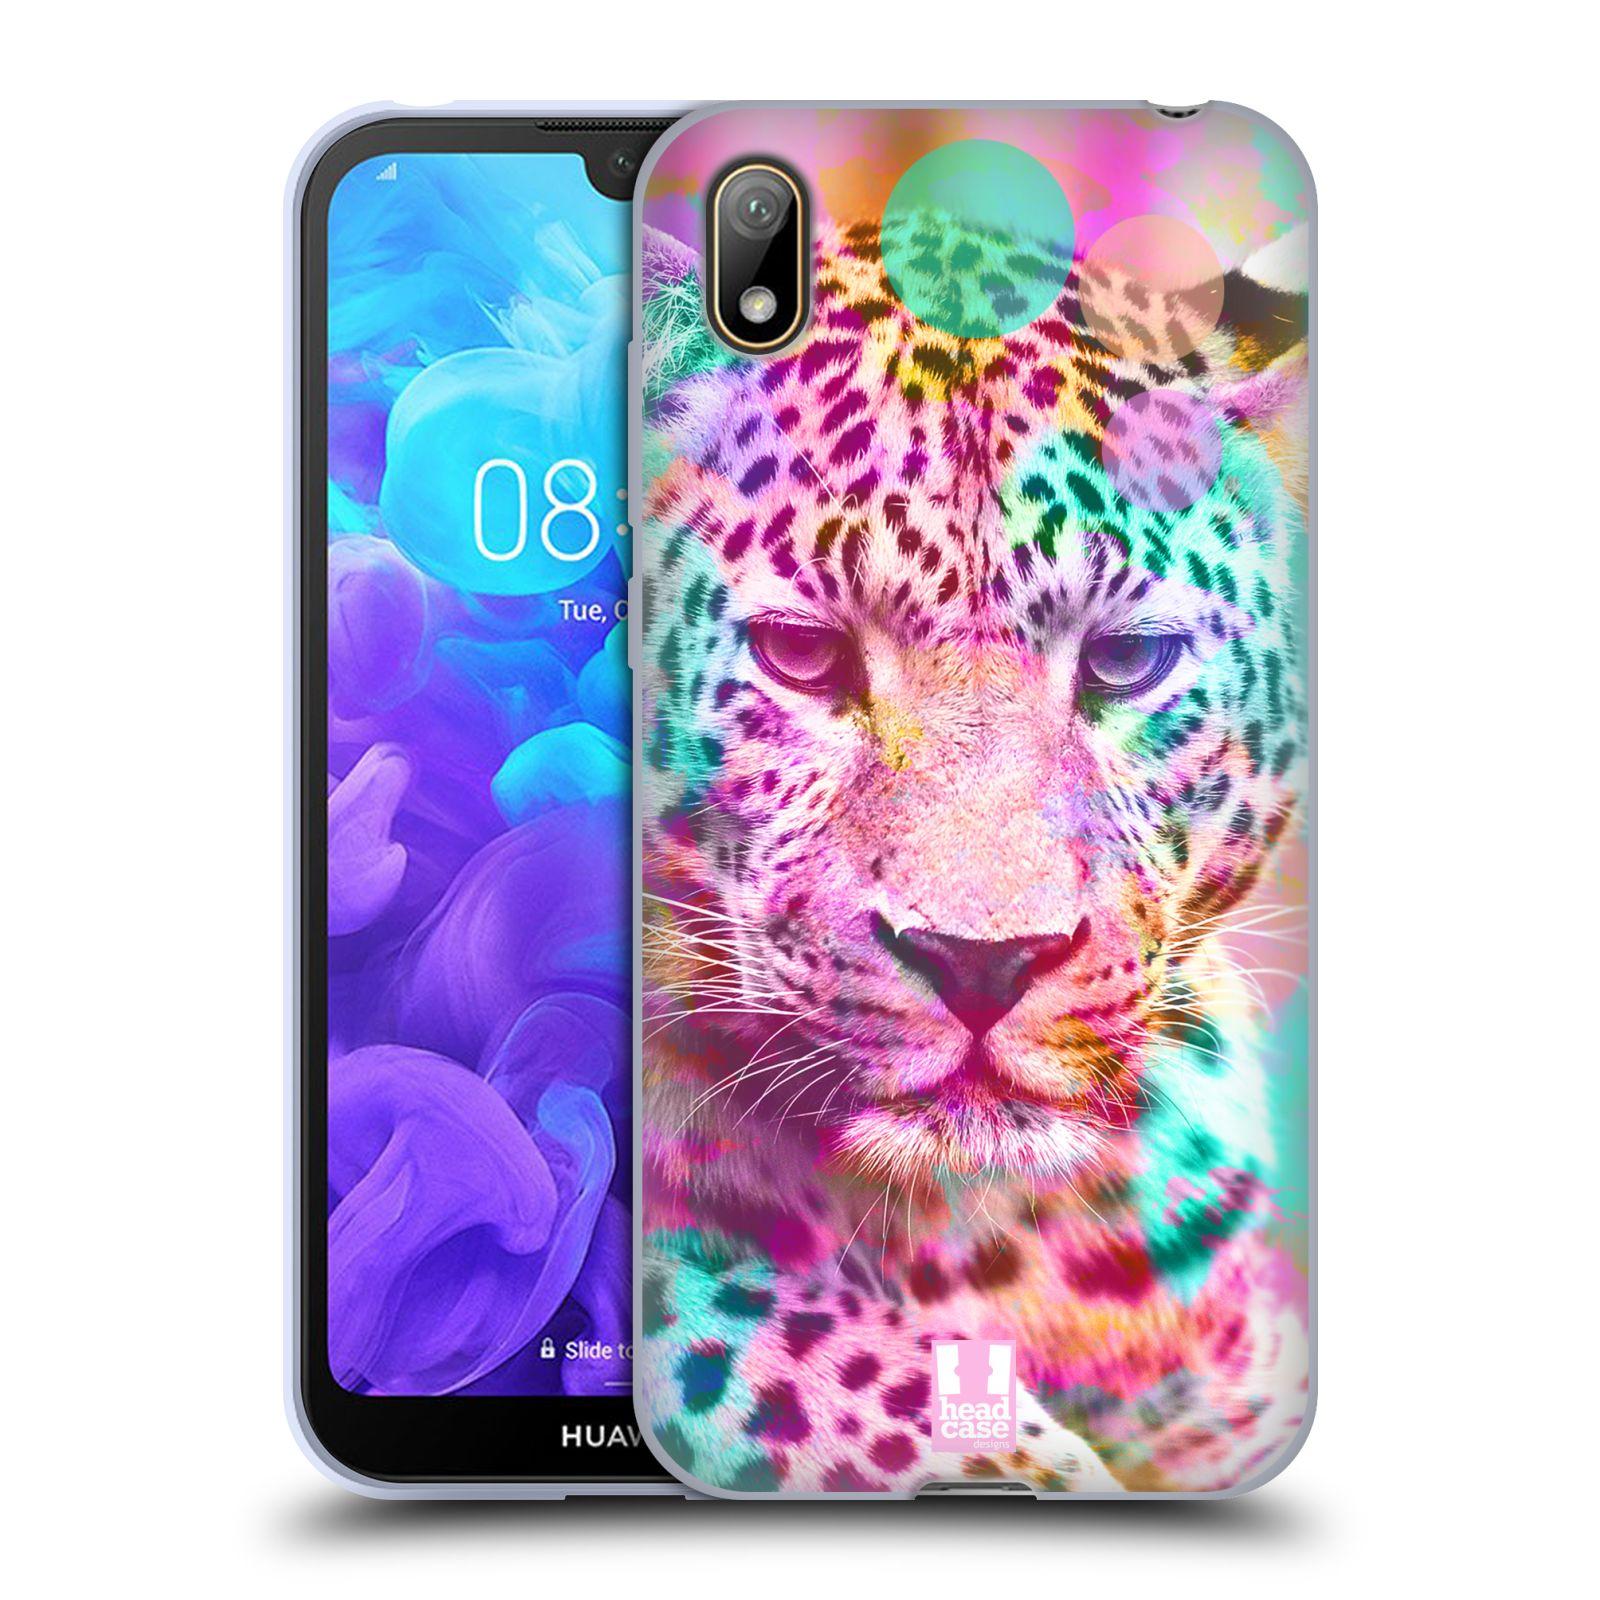 Silikonové pouzdro na mobil Huawei Y5 (2019) - Head Case - MIX LEOPARD